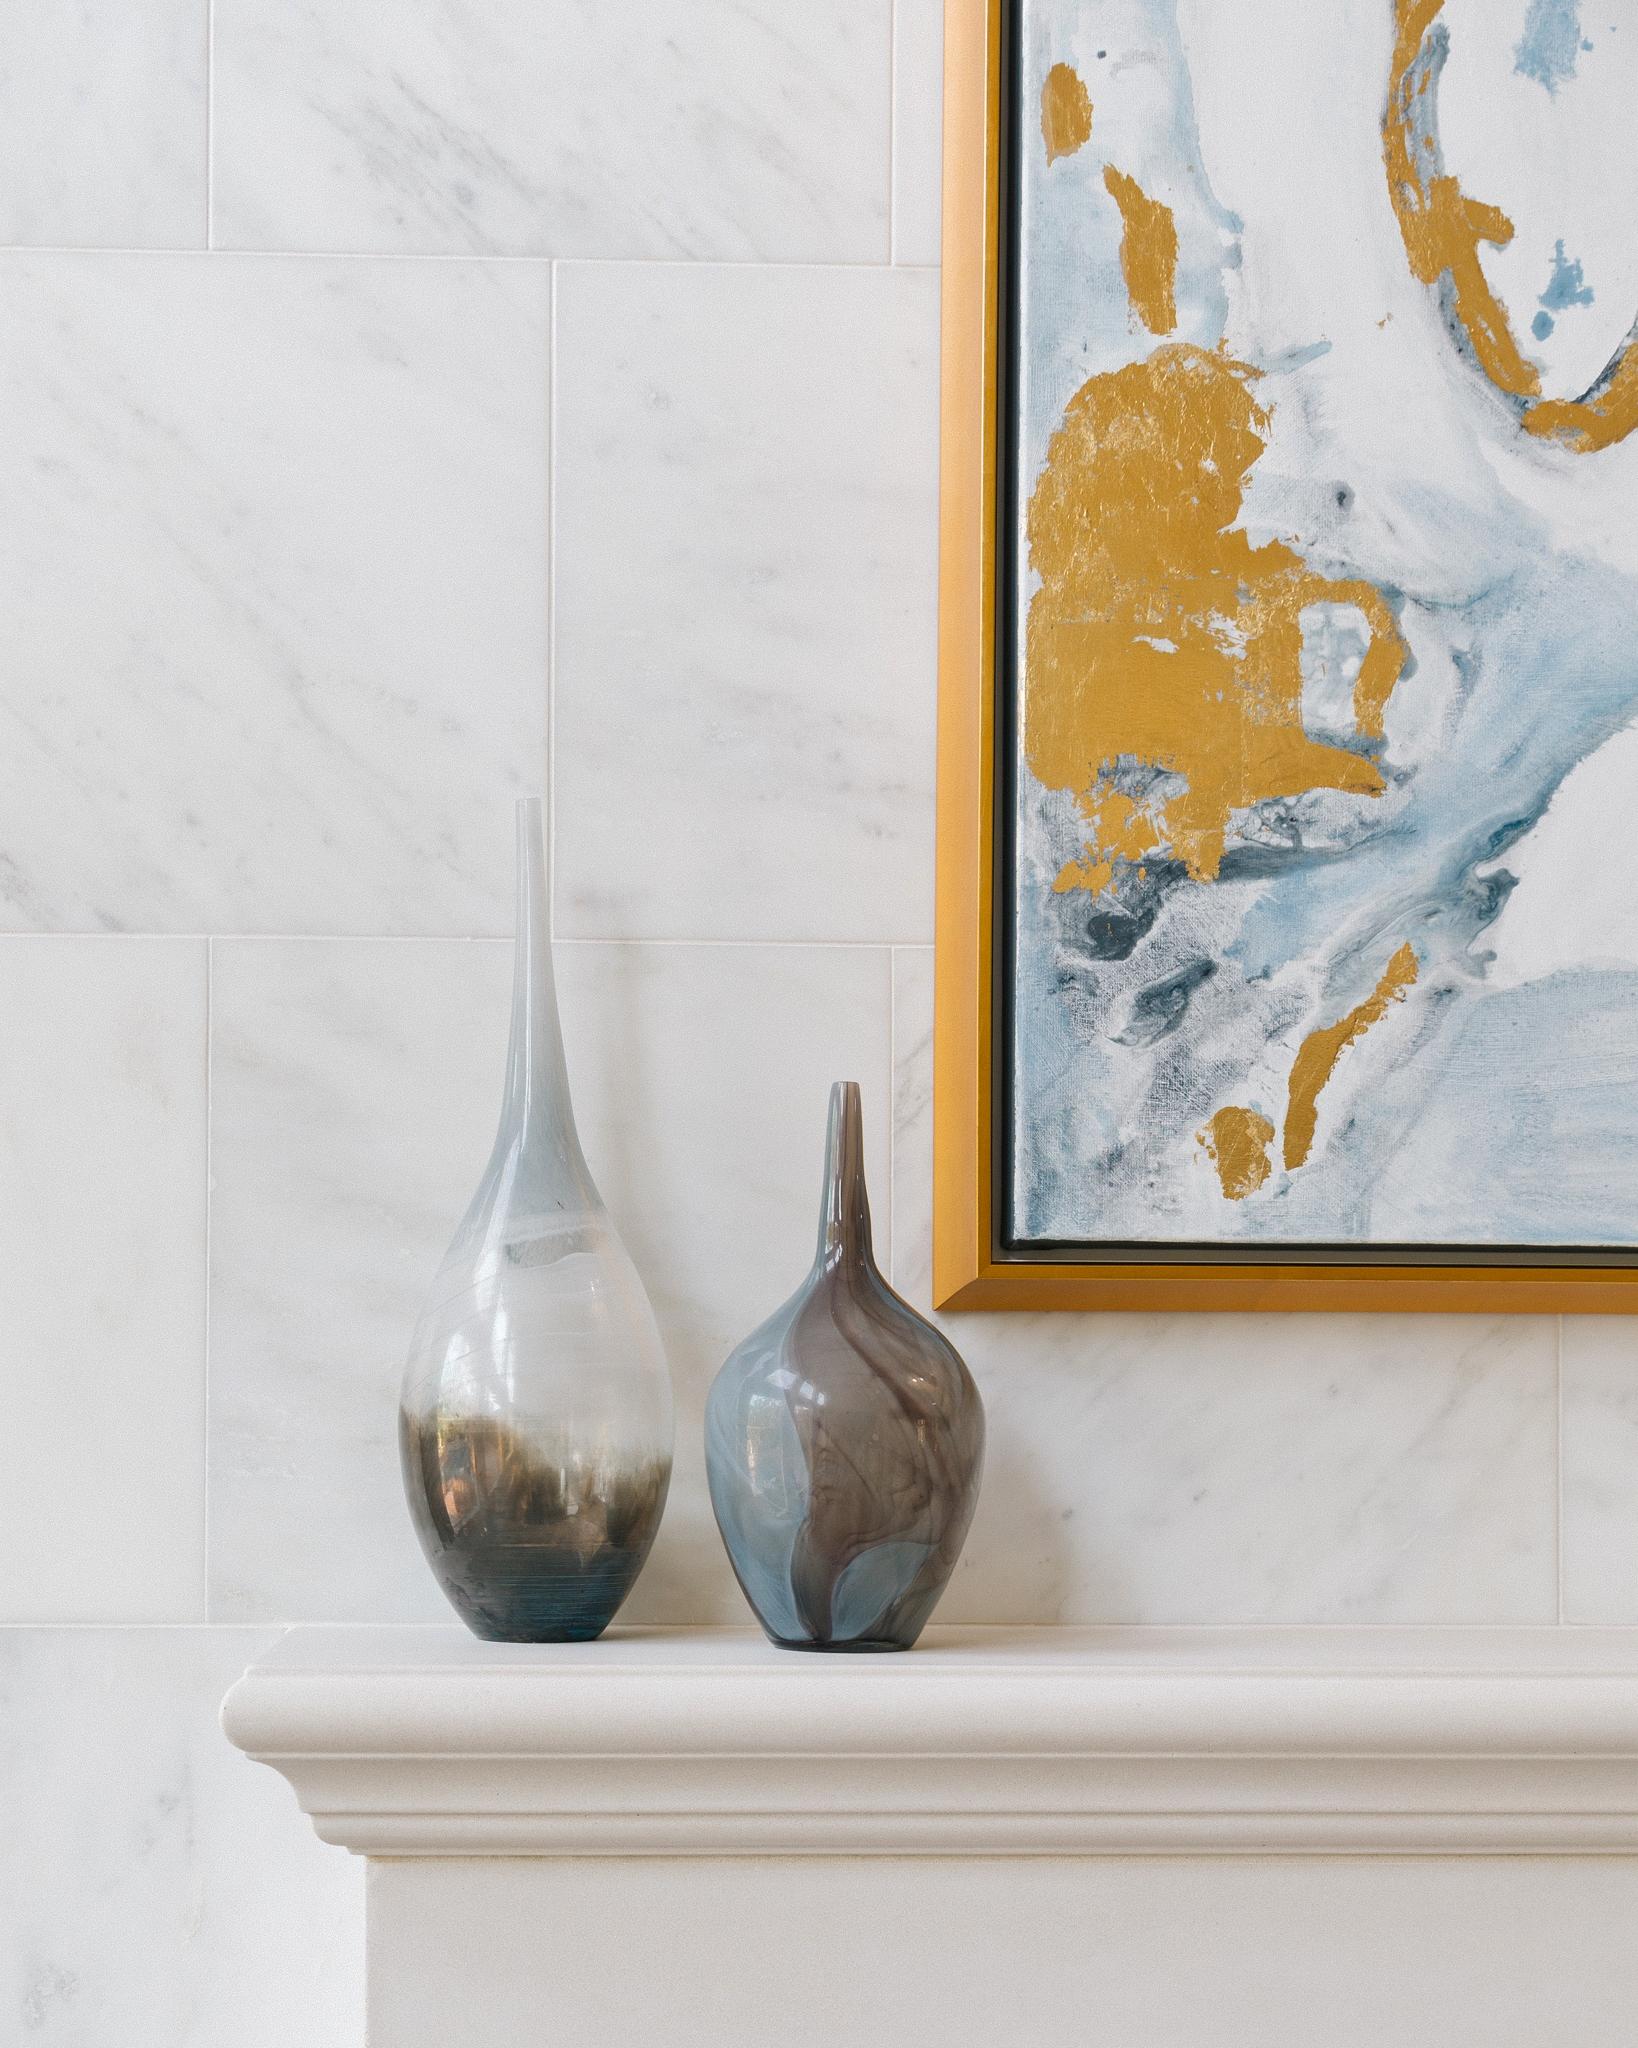 Fireplace mantel with art and art glass vases | Designer: Carla Aston, Photographer: Colleen Scott #living room #livingroomideas #fireplacemantel #fireplace #vases #homedecor